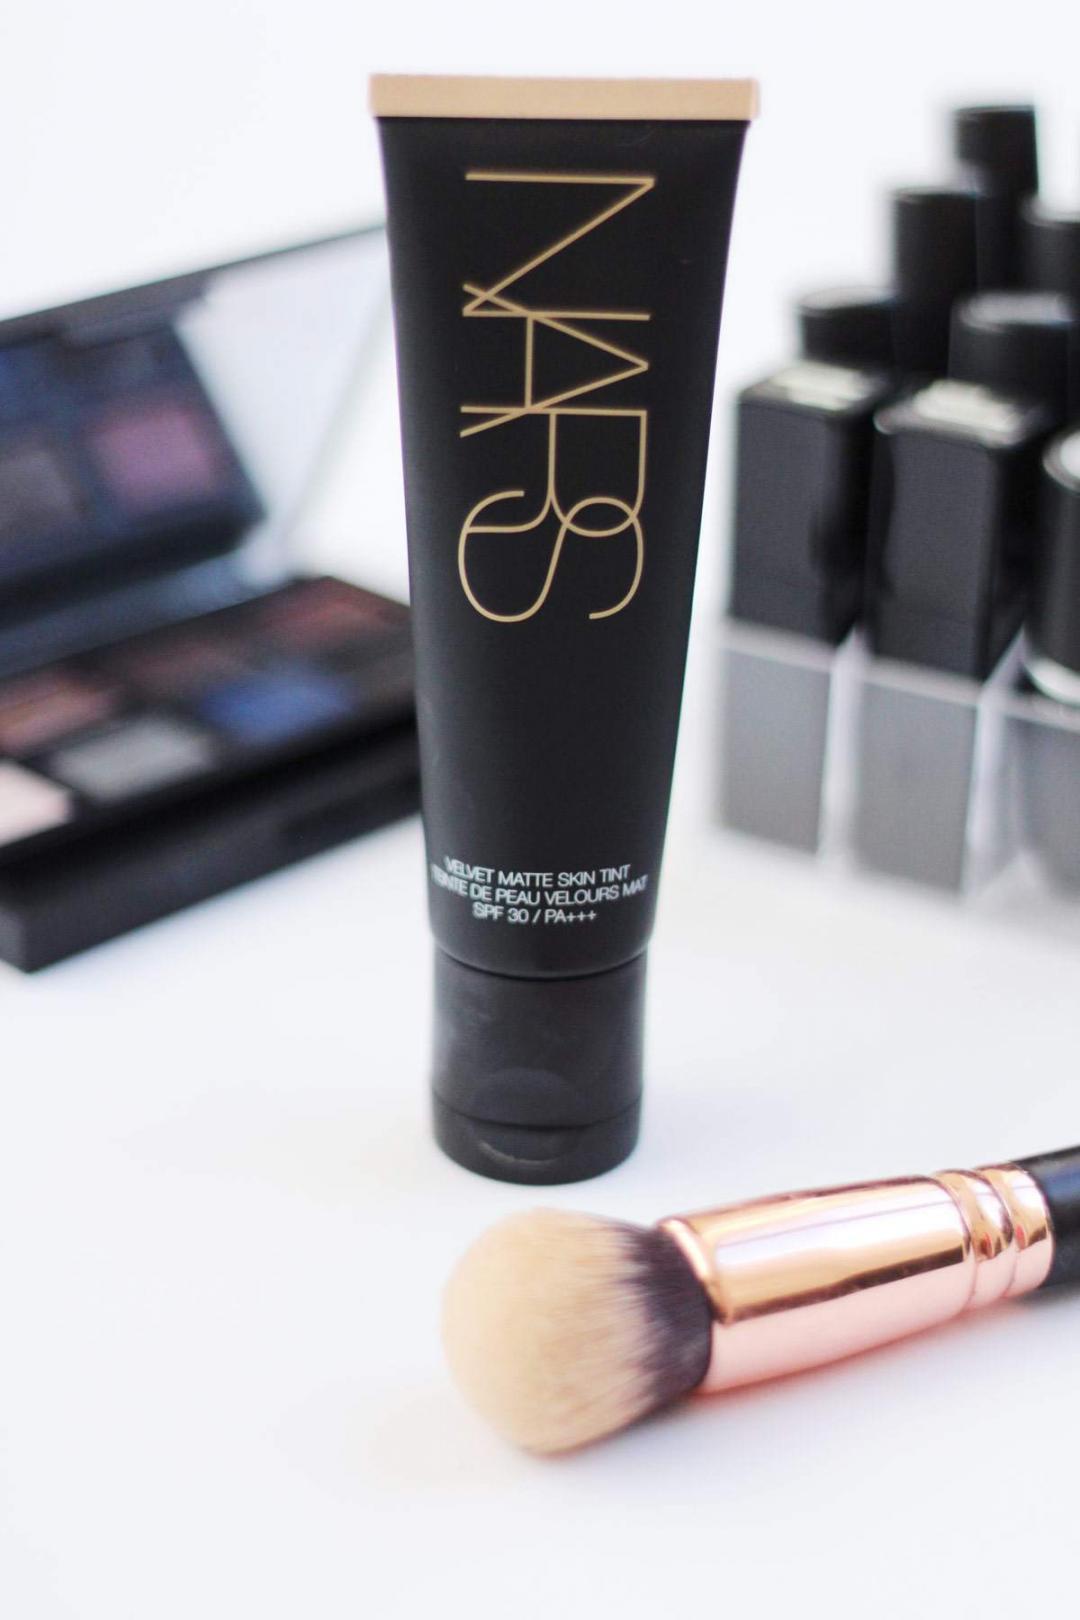 Velvet Matte Swatches: NARS Velvet Matte Skin Tint